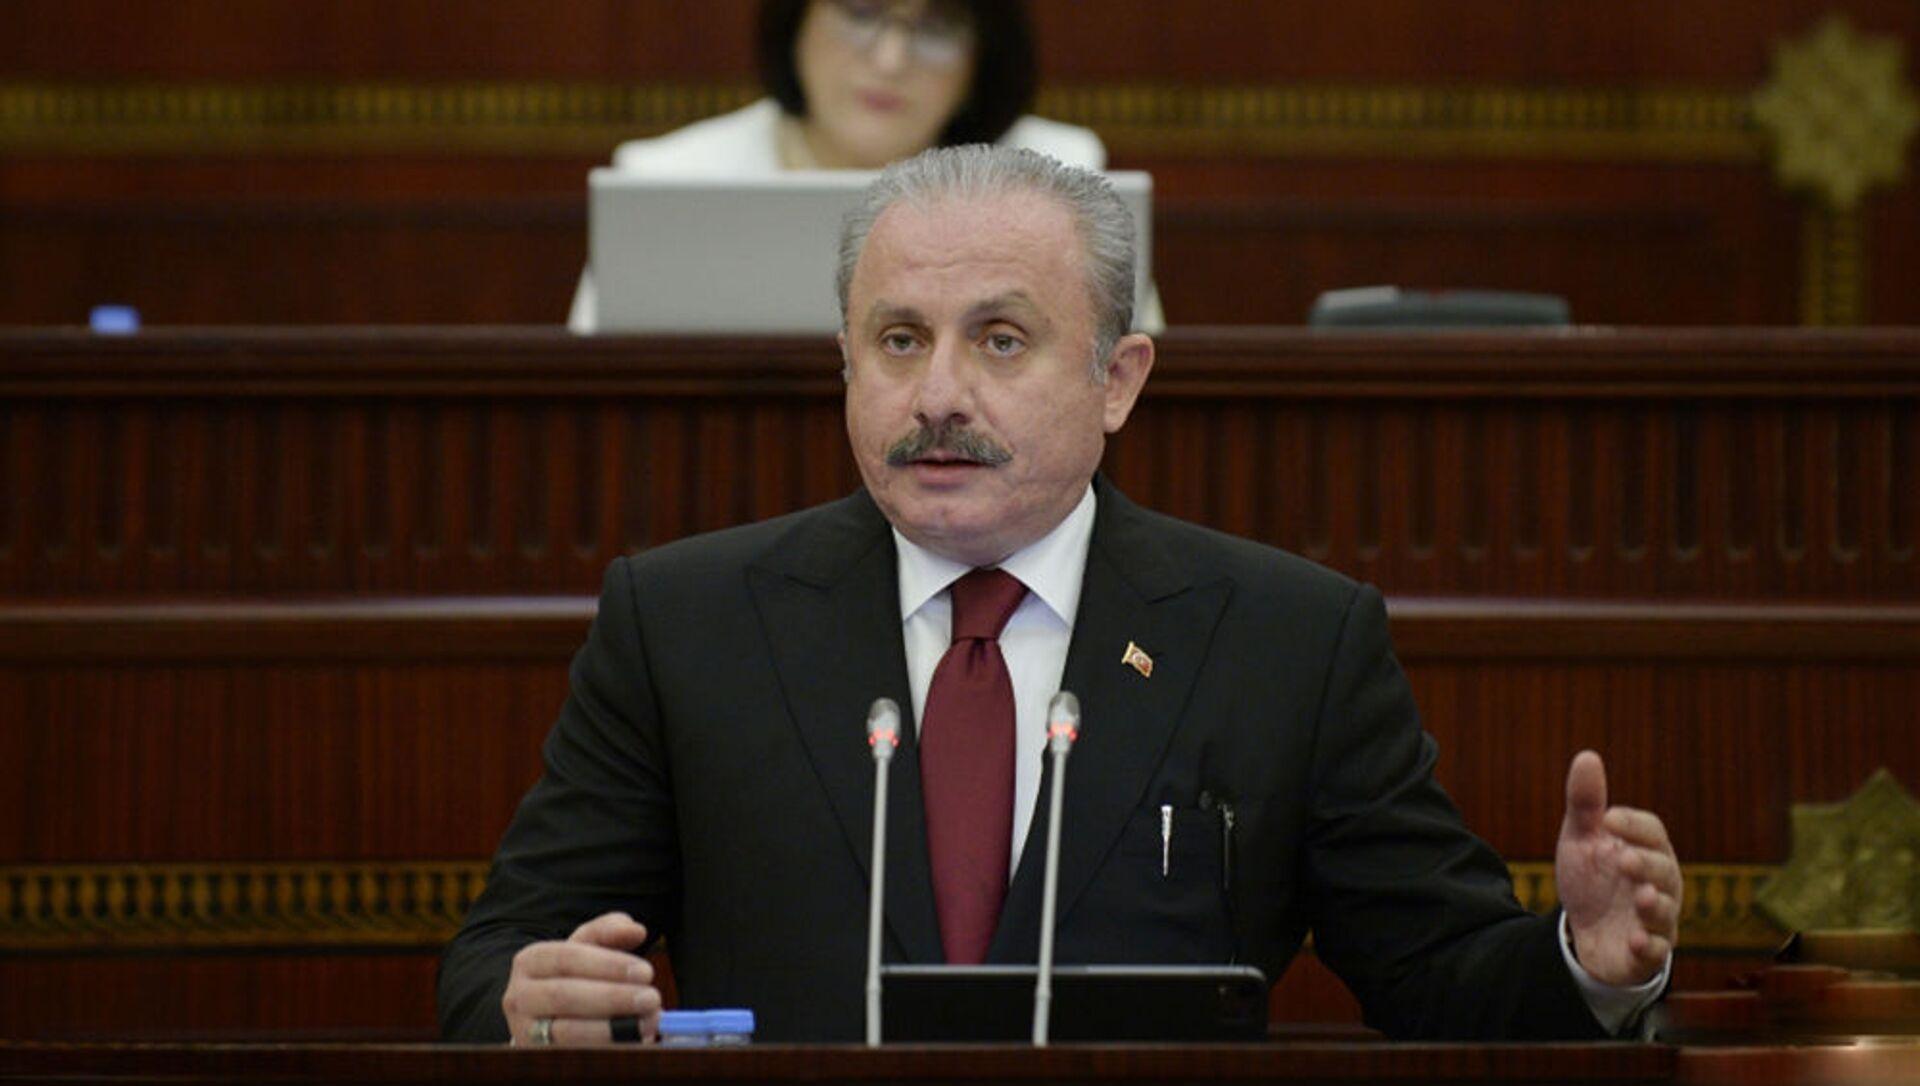 Председатель Великого национального собрания Турции Мустафа Шентоп - Sputnik Азербайджан, 1920, 28.07.2021